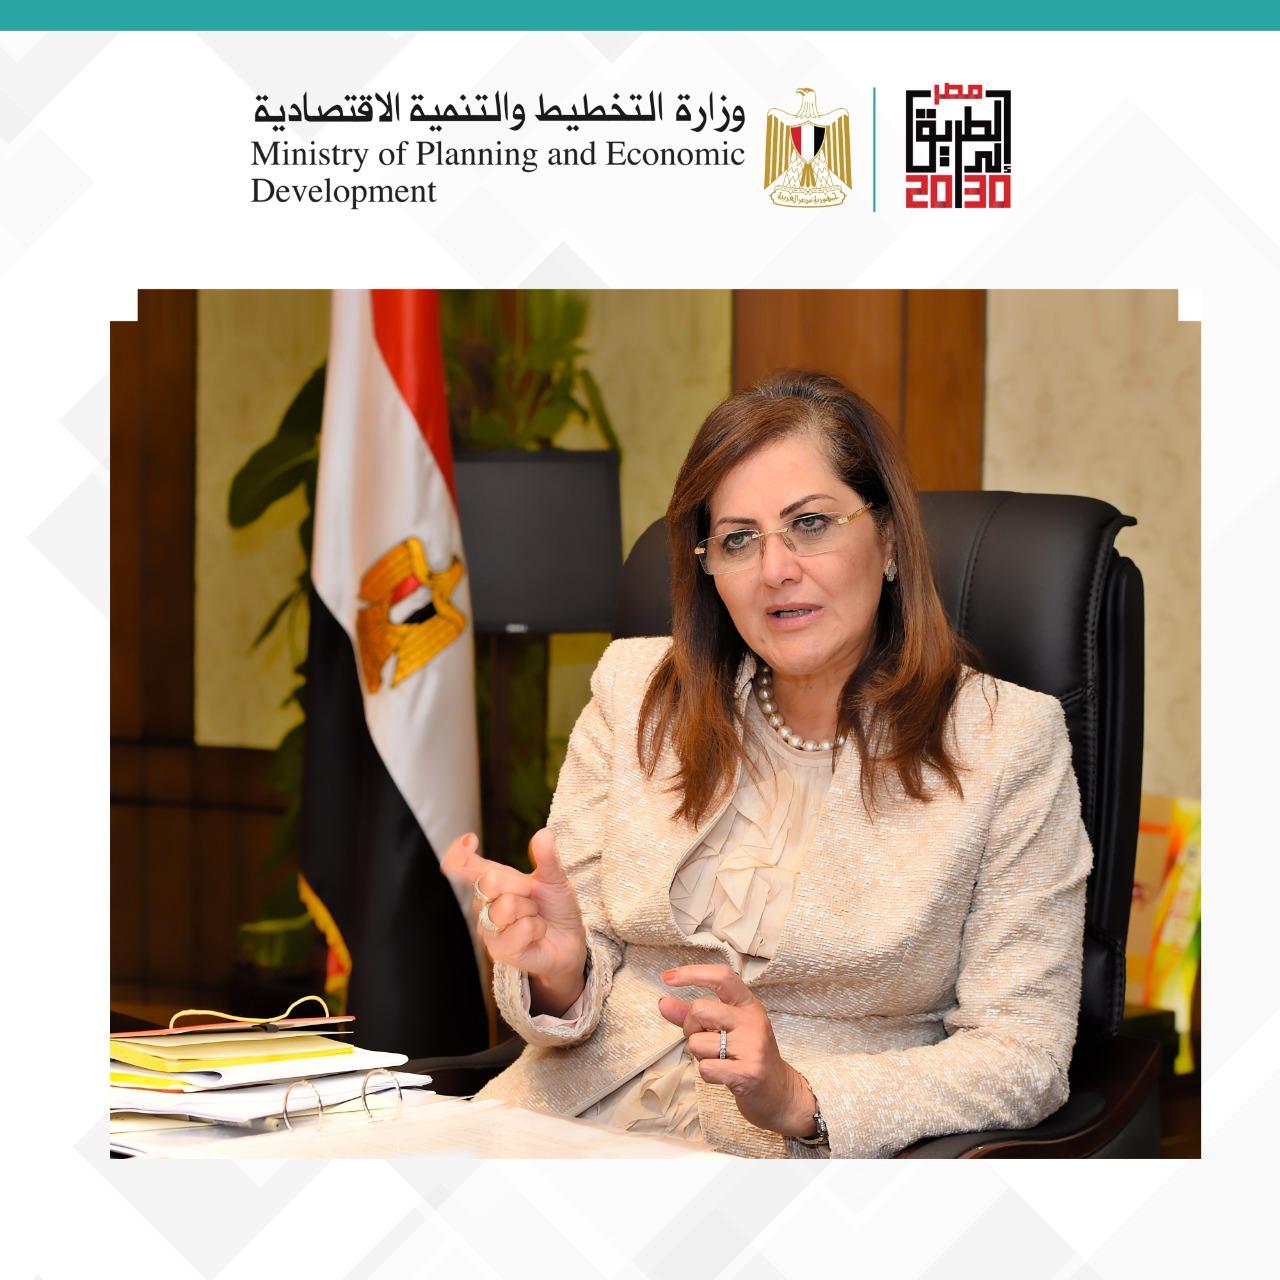 """وزارة التخطيط والتنمية الاقتصادية تصدر العدد الثامن من تقرير """"مُتابعة المواطن في المحافظات"""""""